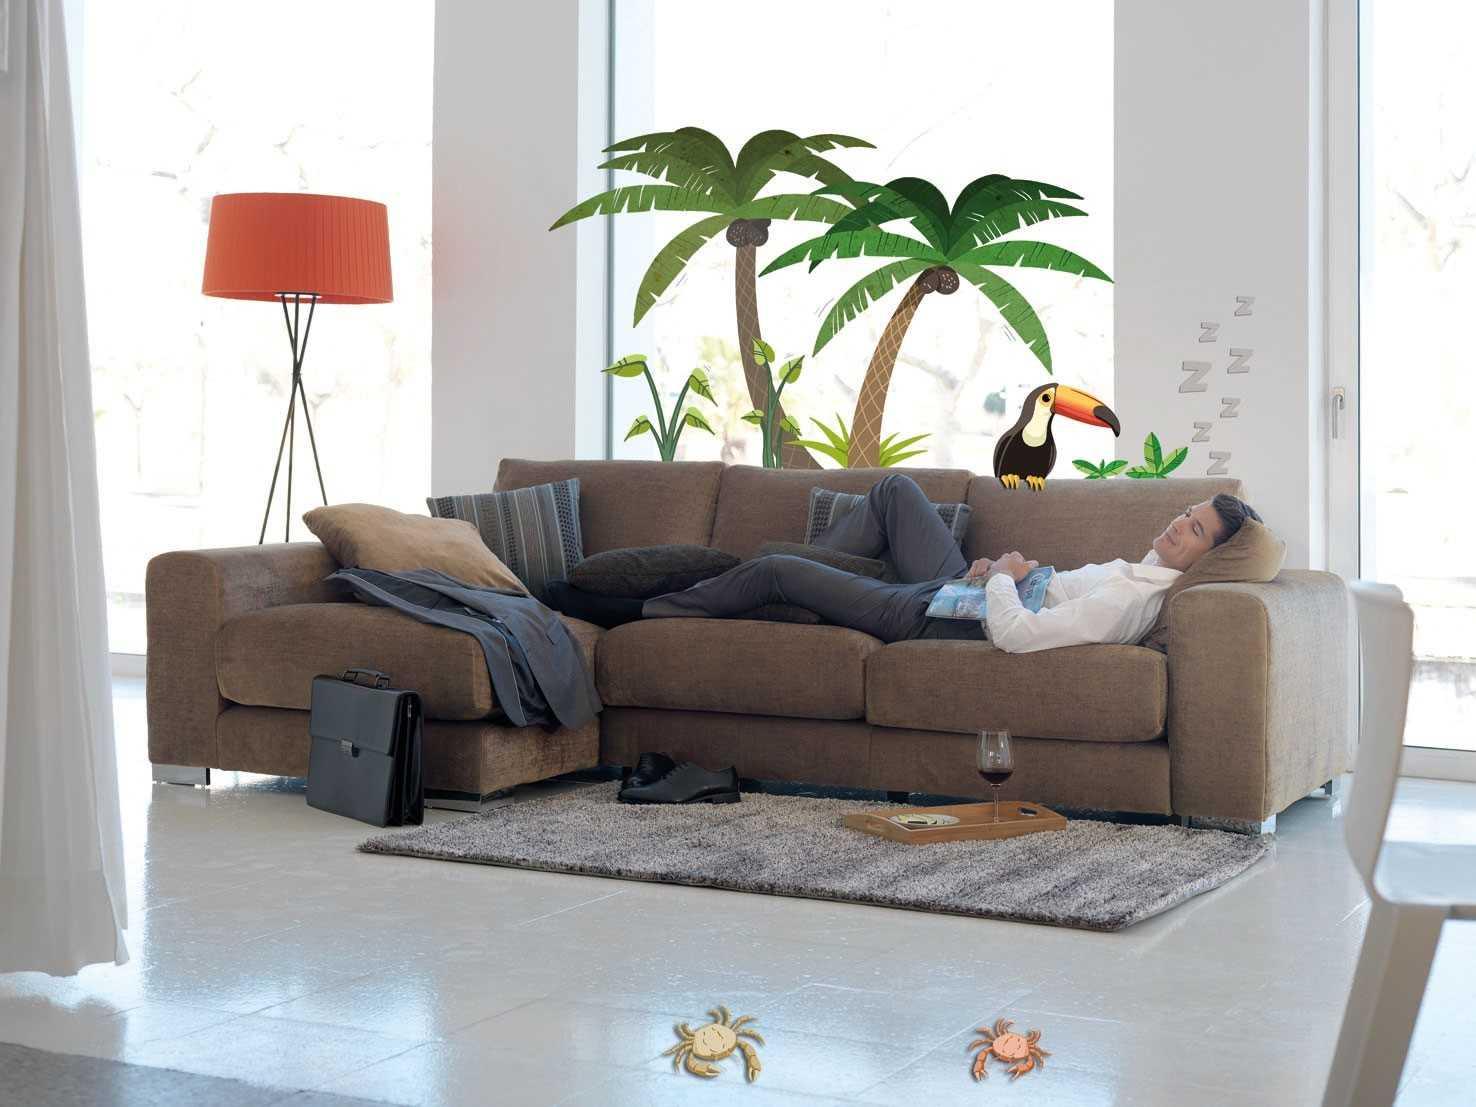 Est-ce bon de dormir sur le canapé ?